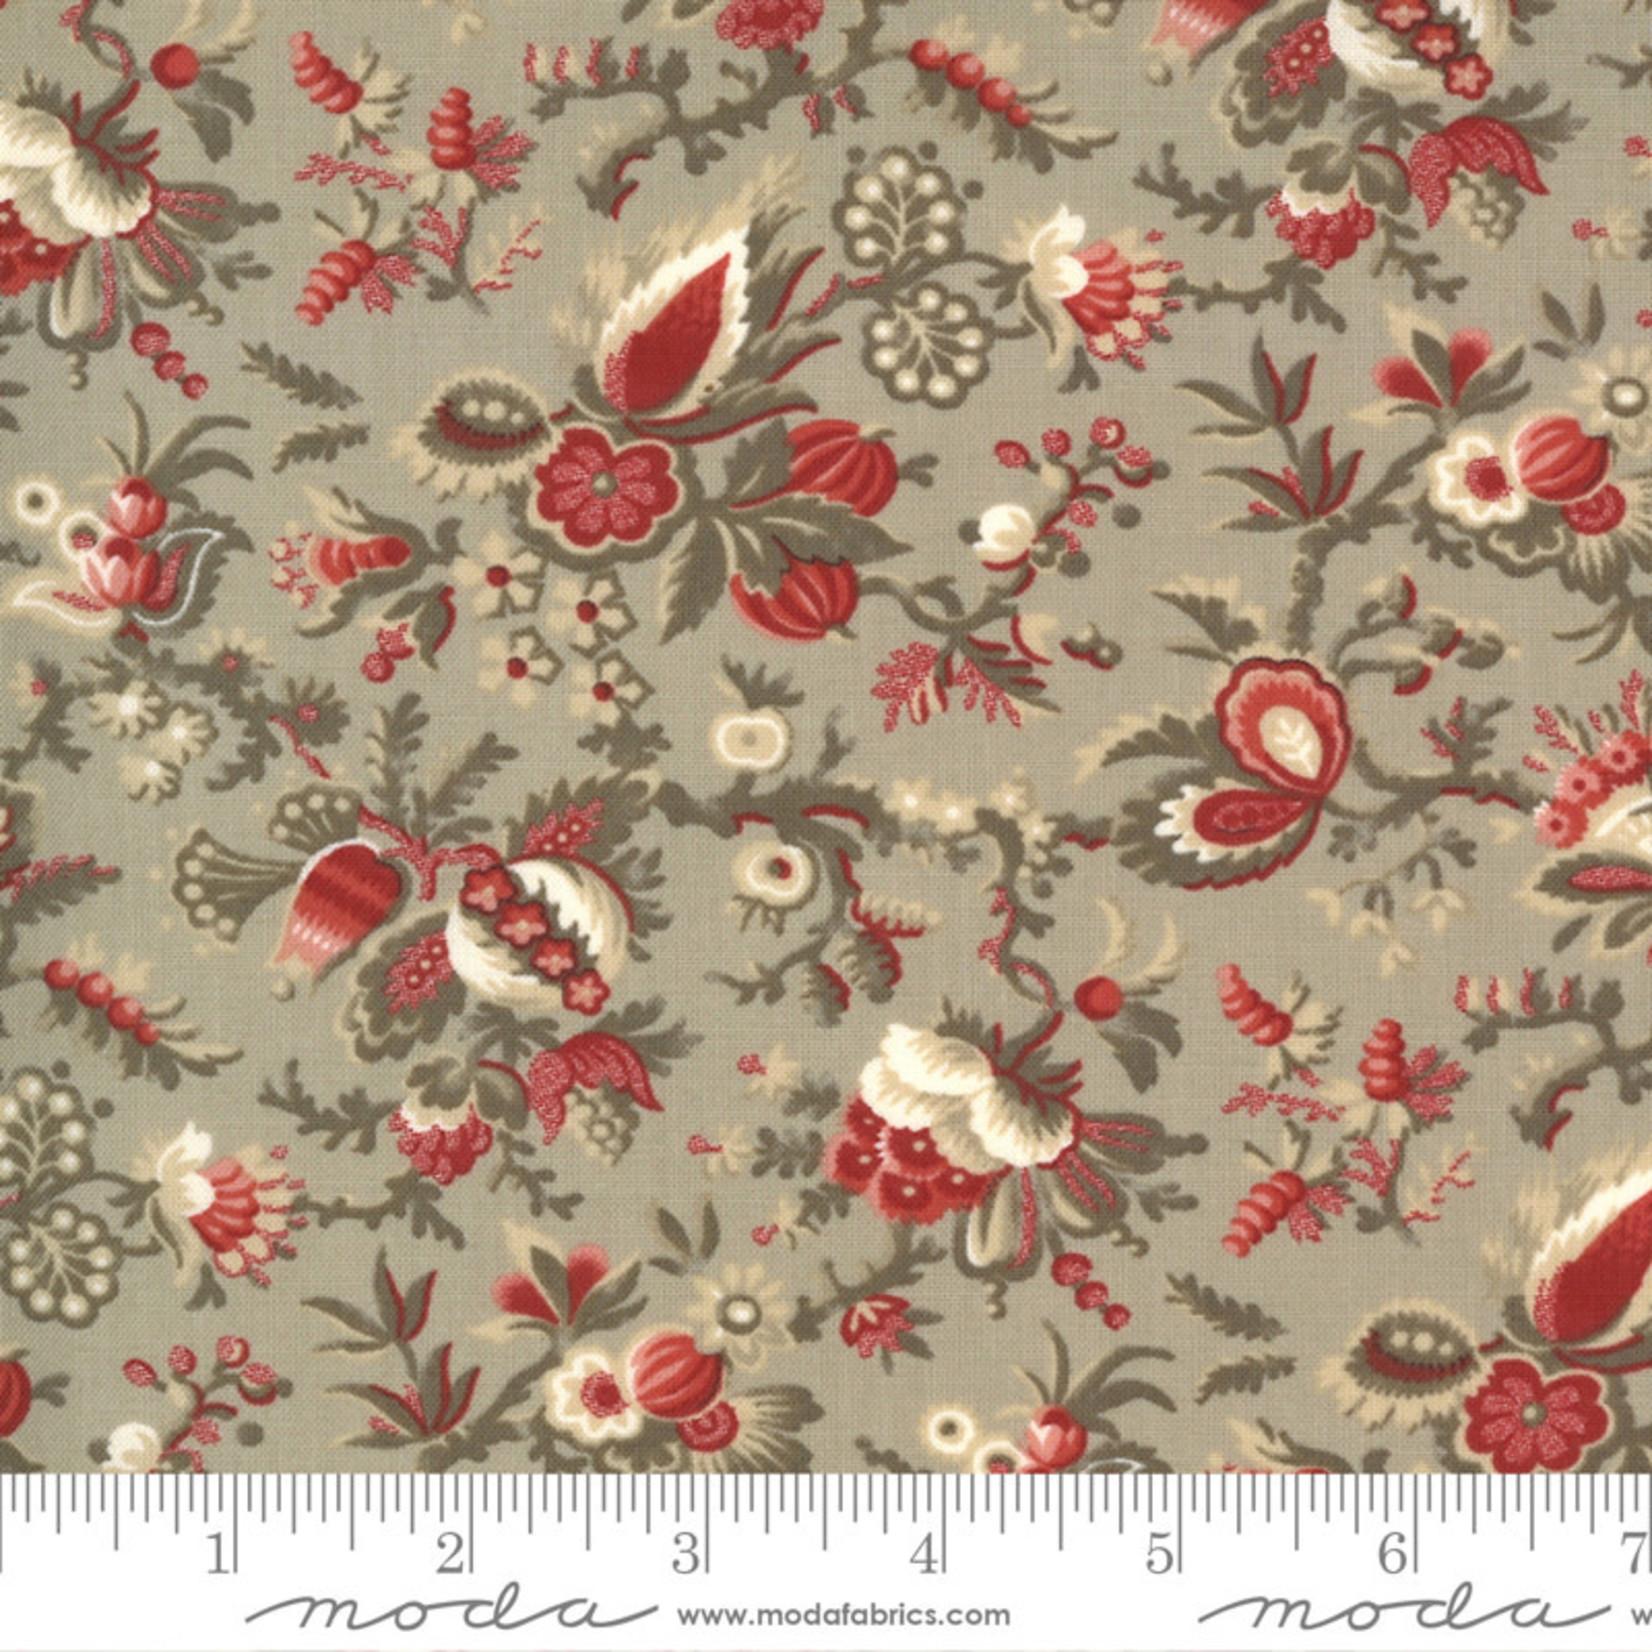 FRENCH GENERAL Jardins De Fleurs, Jardin Des Paradis, Roche 13892-16 $0.20 per cm or $20/m